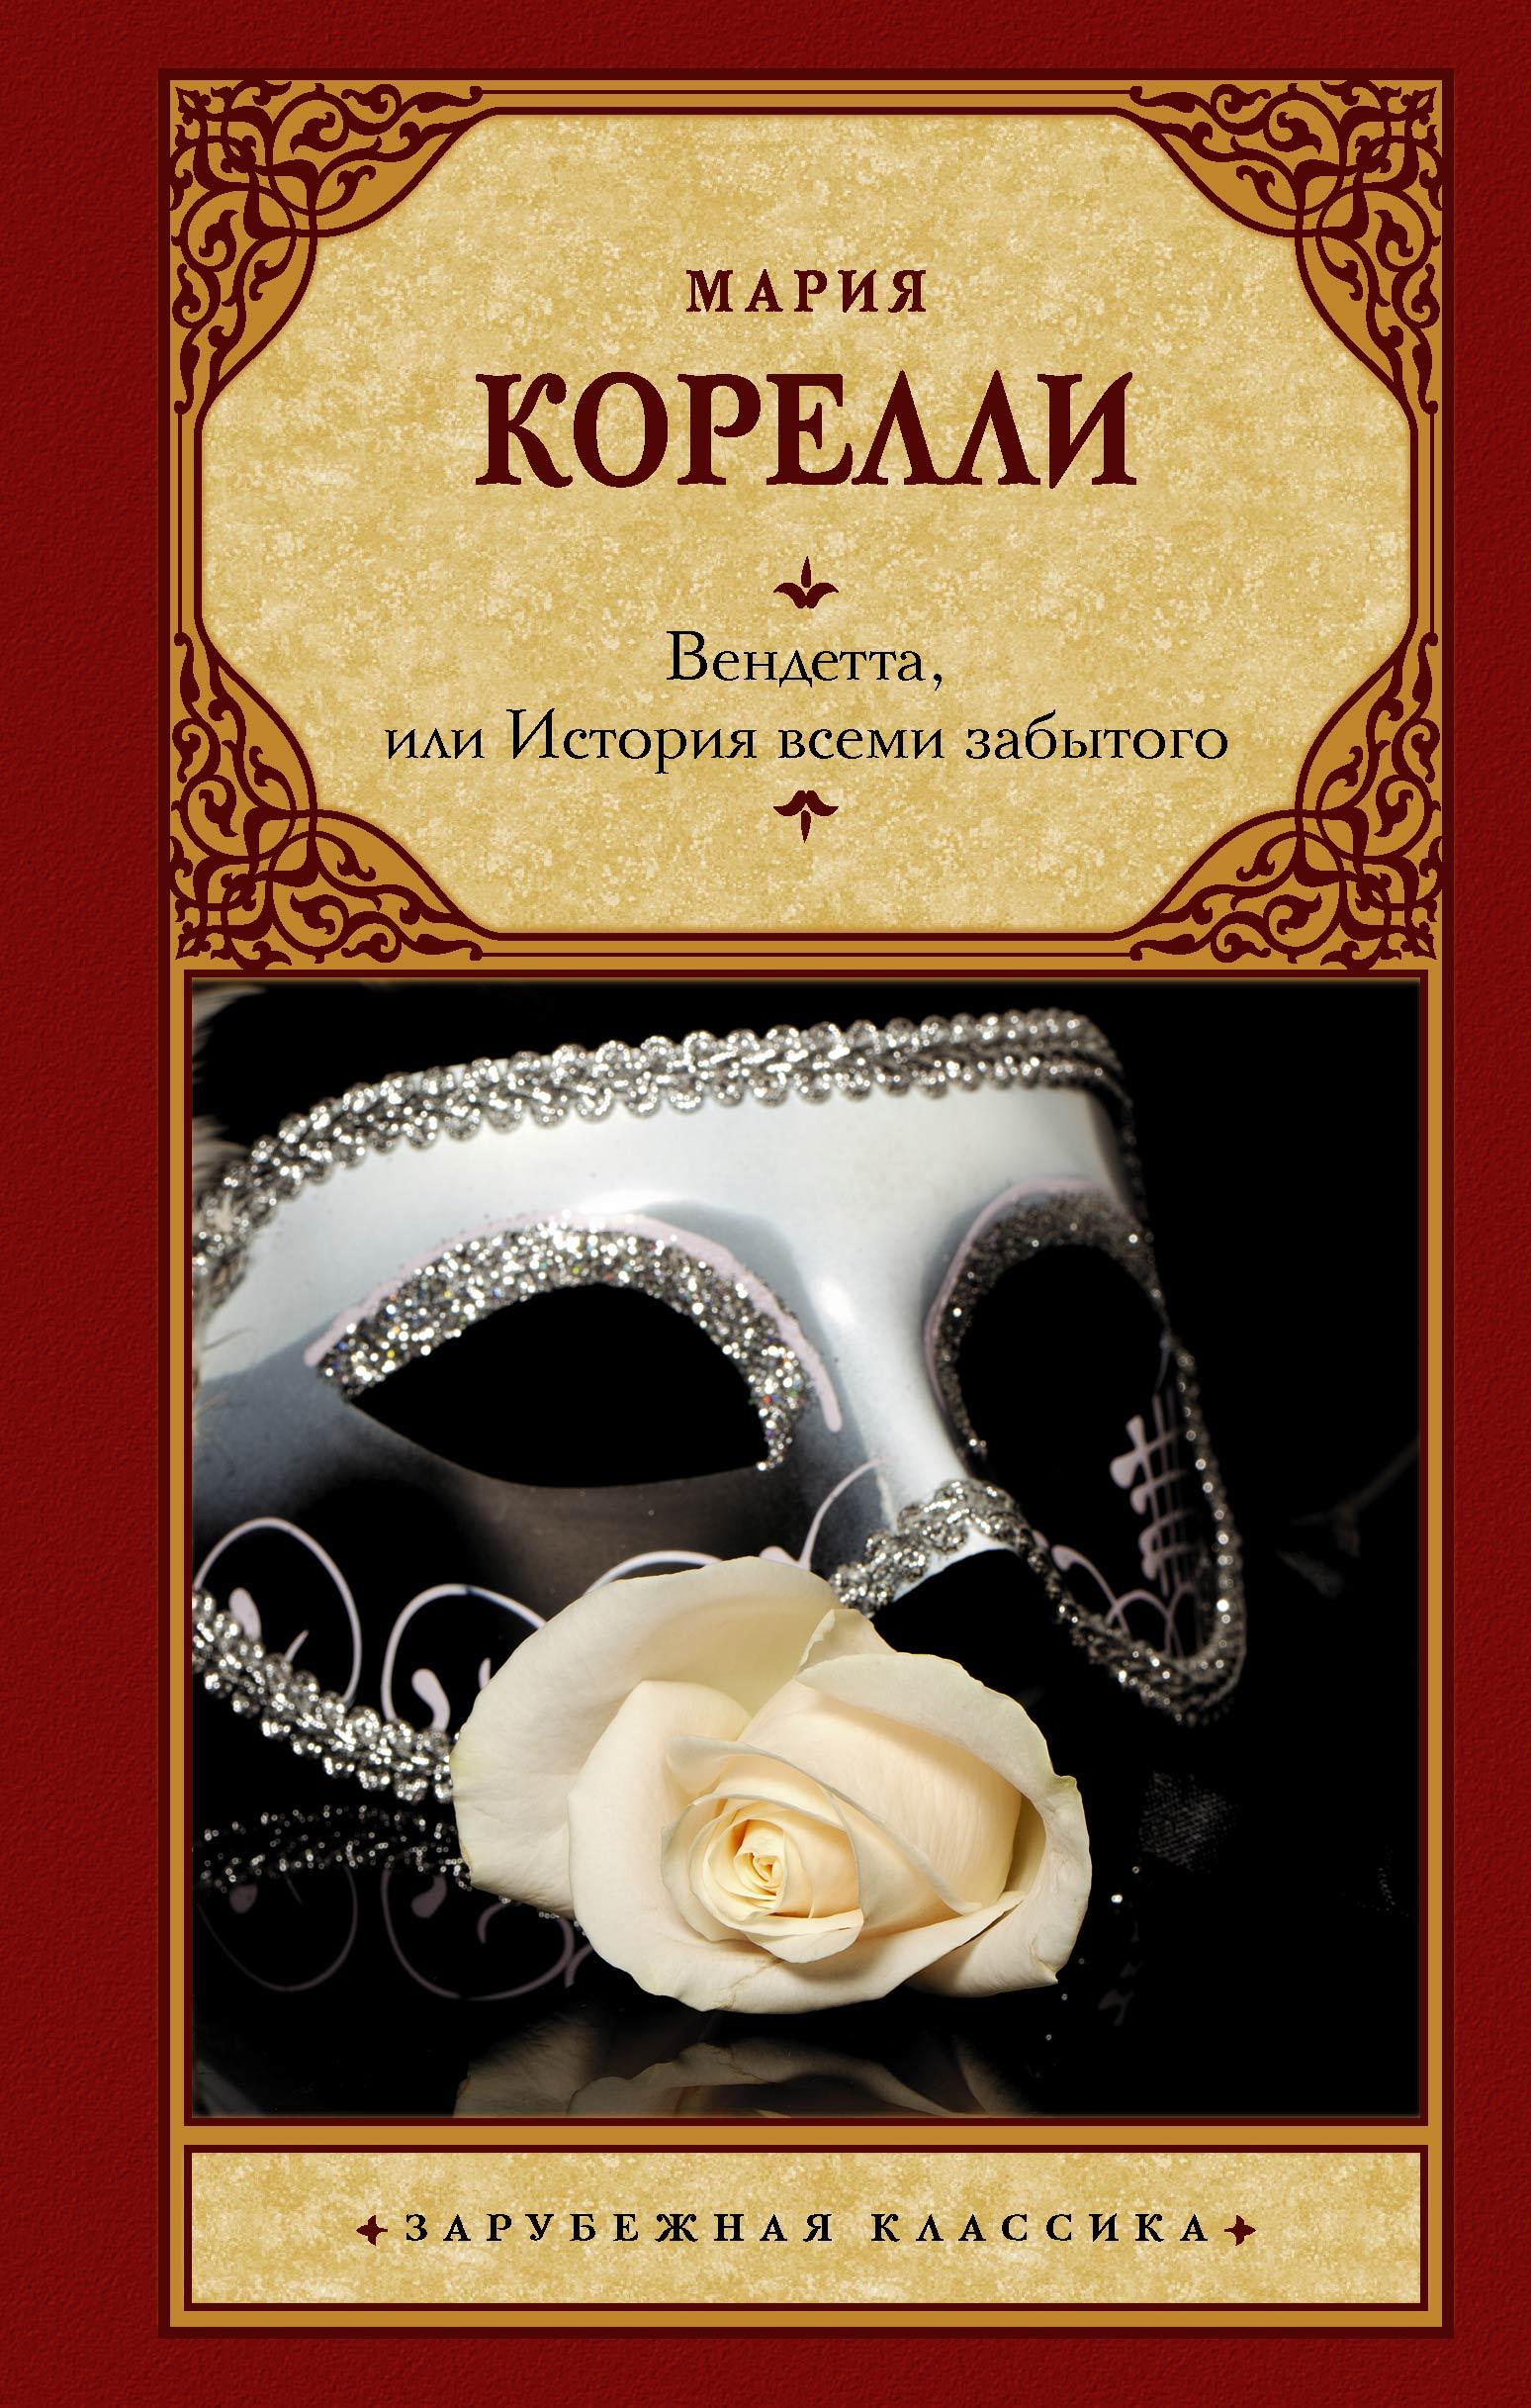 Купить книгу Вендетта, или История всеми забытого, автора Марии Корелли